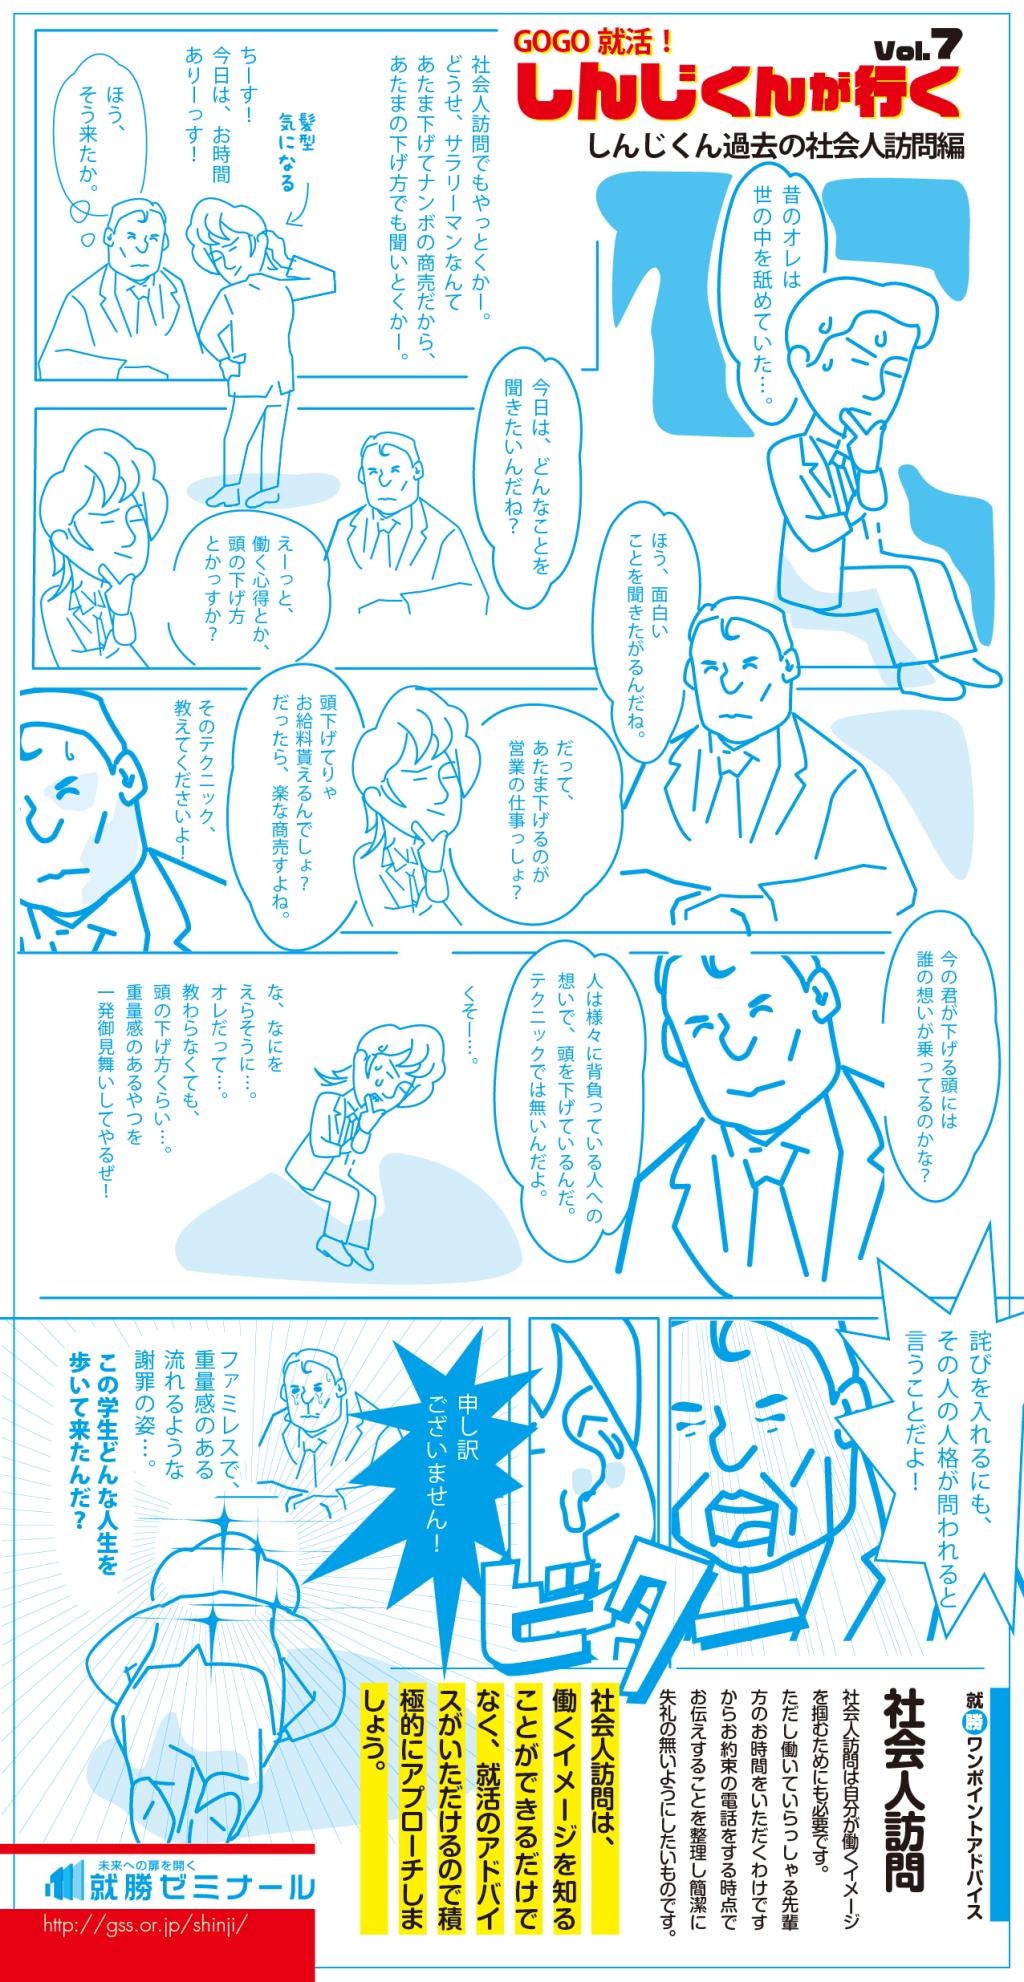 しんじくん過去の社会人訪問編